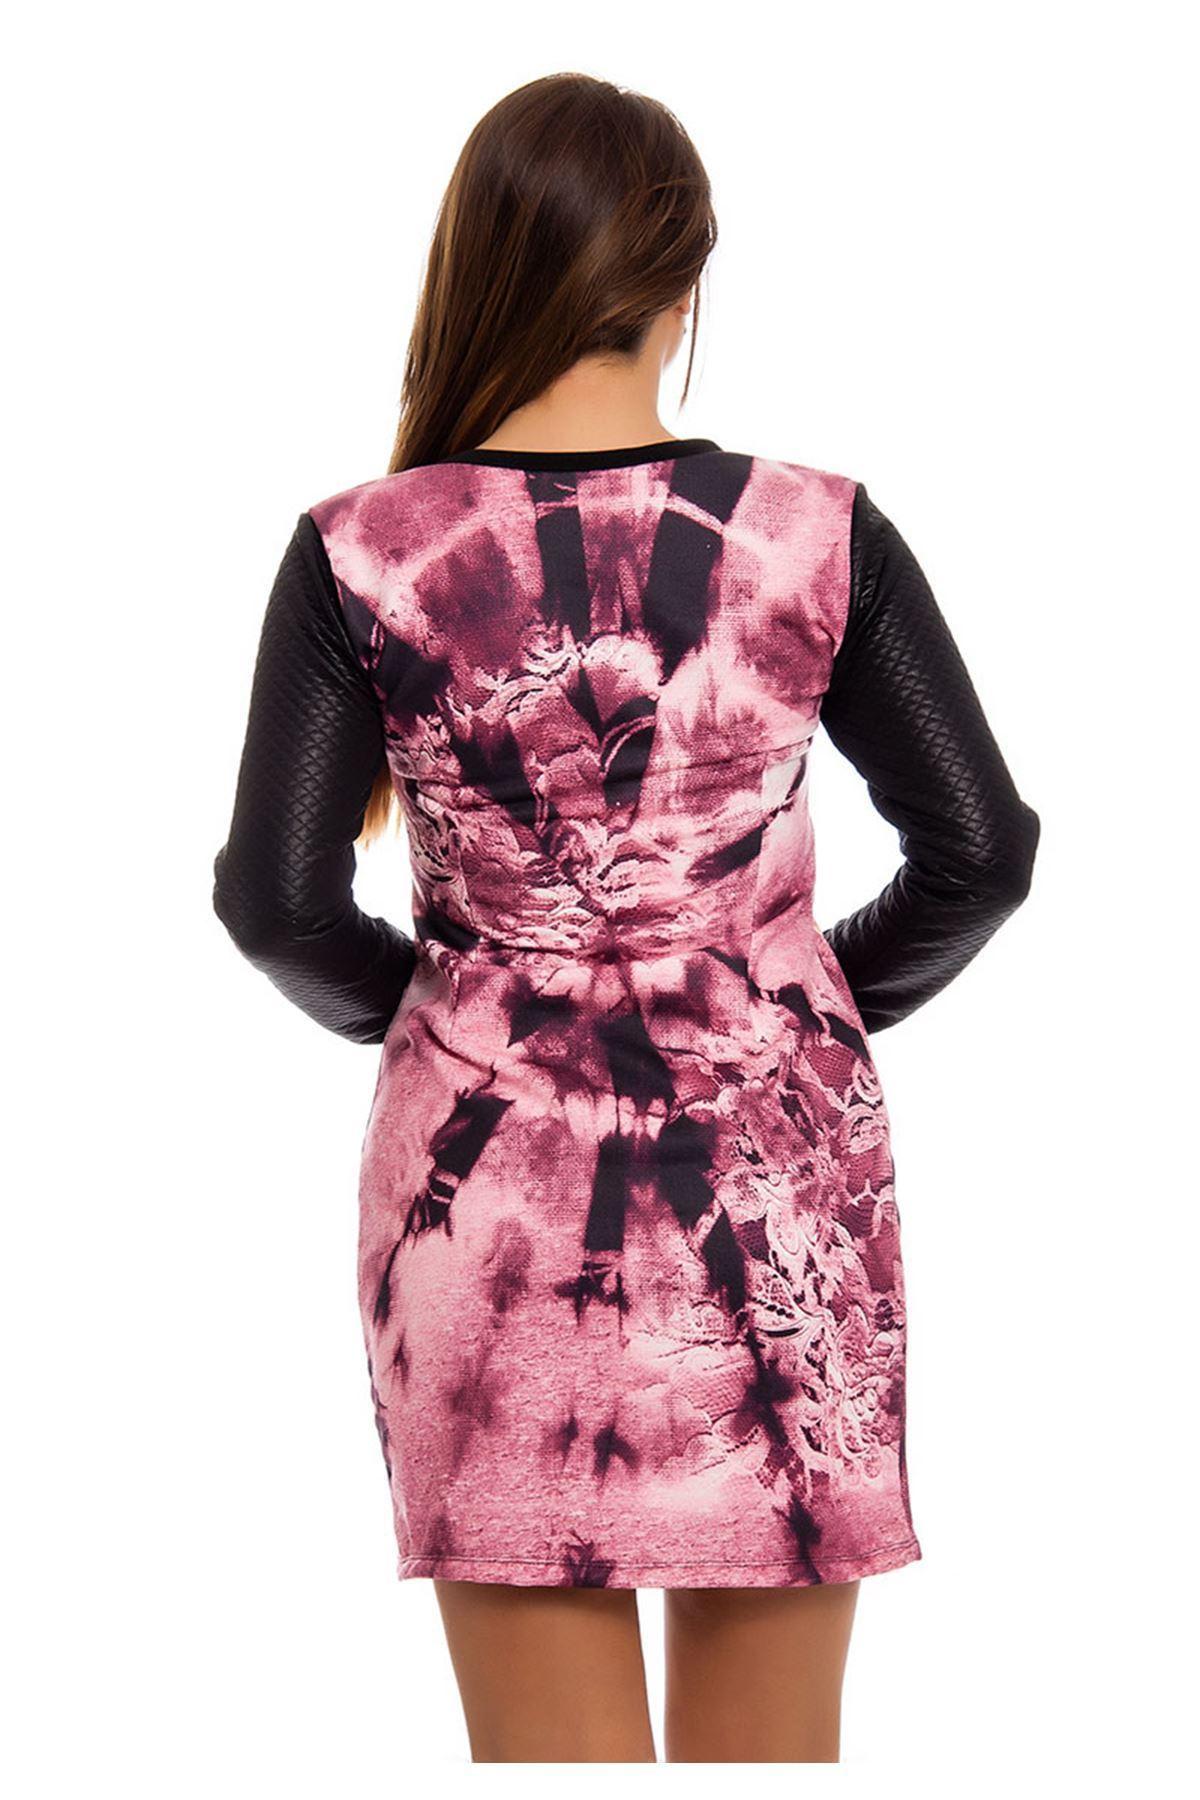 Kapitone Desenli Taş Detaylı Kadın Elbise H7-124569